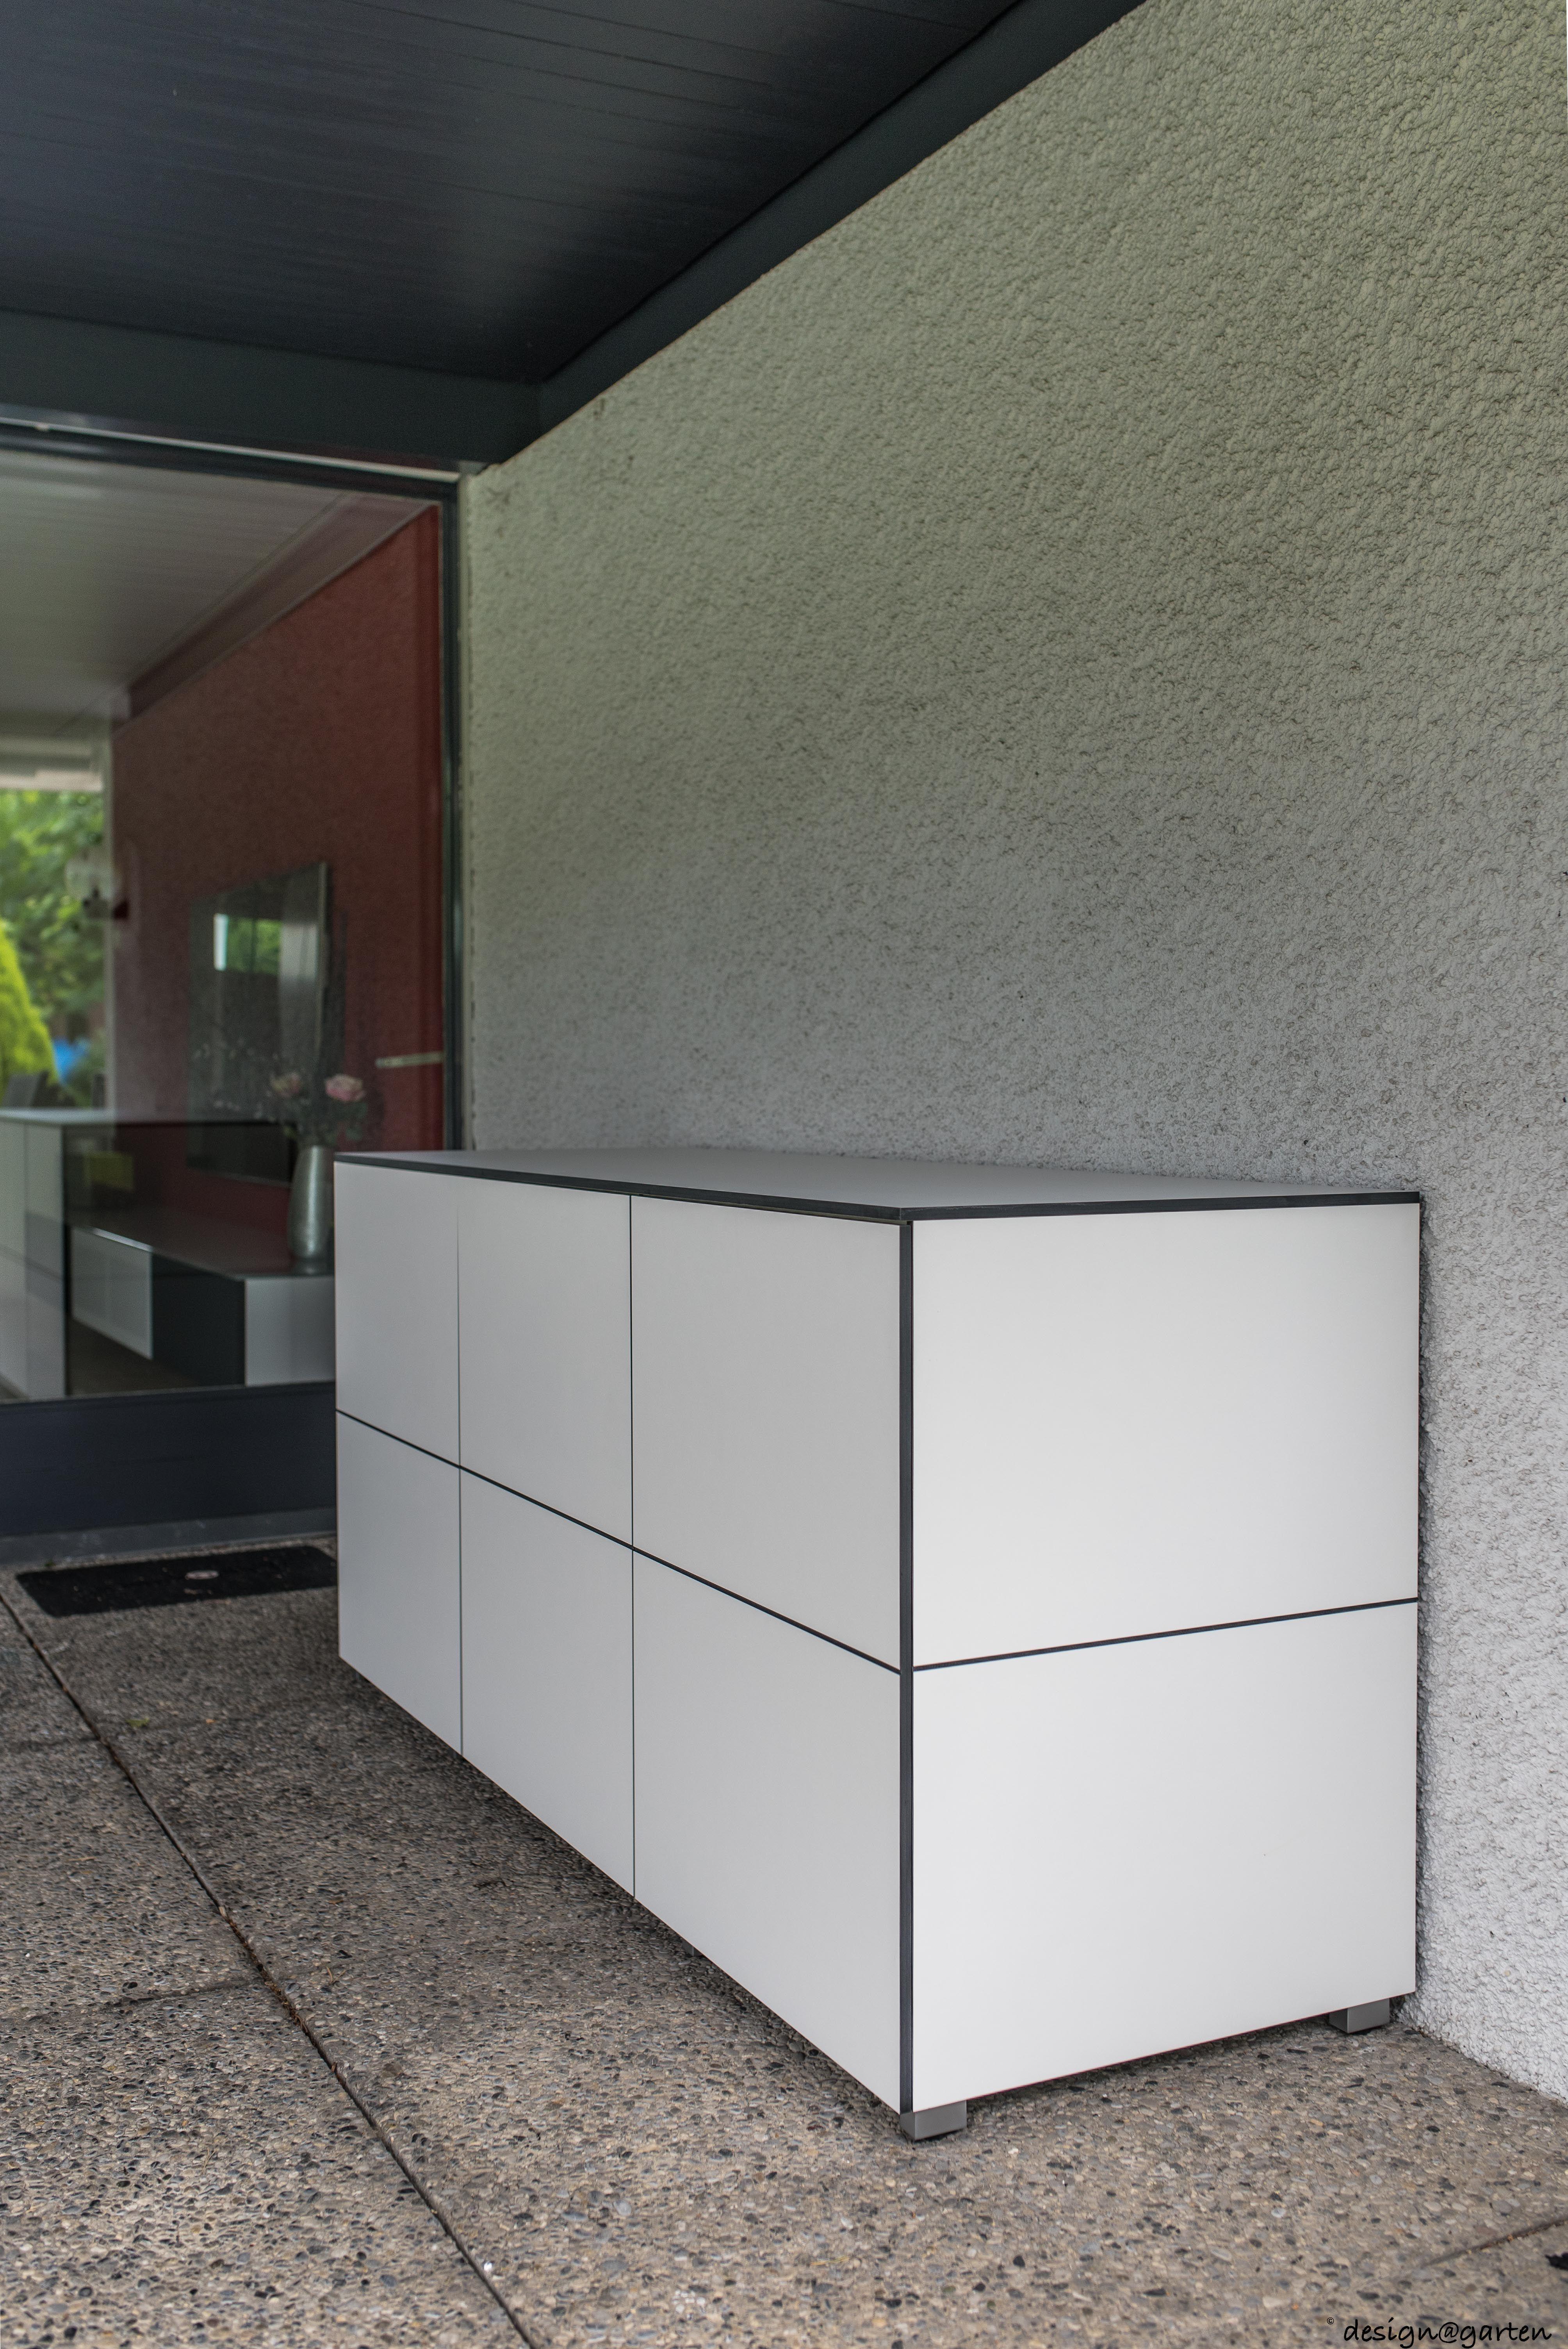 Terrassenschrank Win Nach Mass By Design Garten In Arbon Schweiz Von Design C Garten In Augsburg Germany Grifflos Uv Bestandig Farbe Gartenschrank Schrank Und Balkonschrank